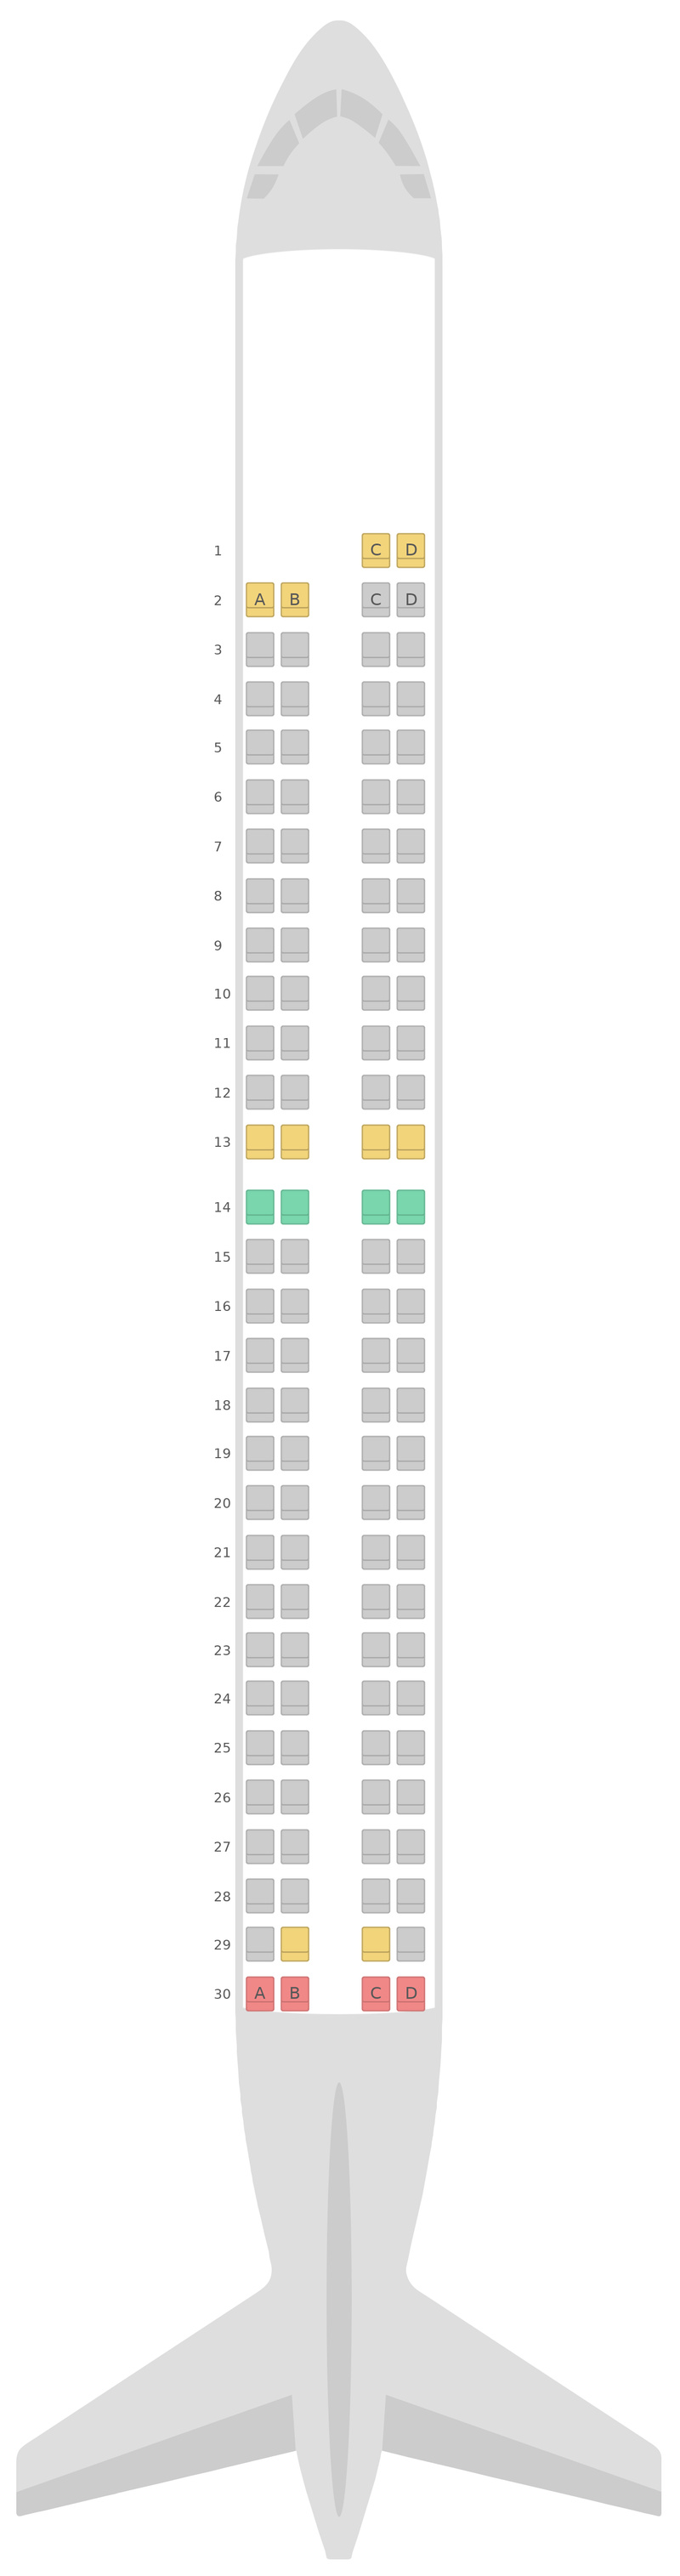 Схема салона Эмбраер 195 Azul Airlines